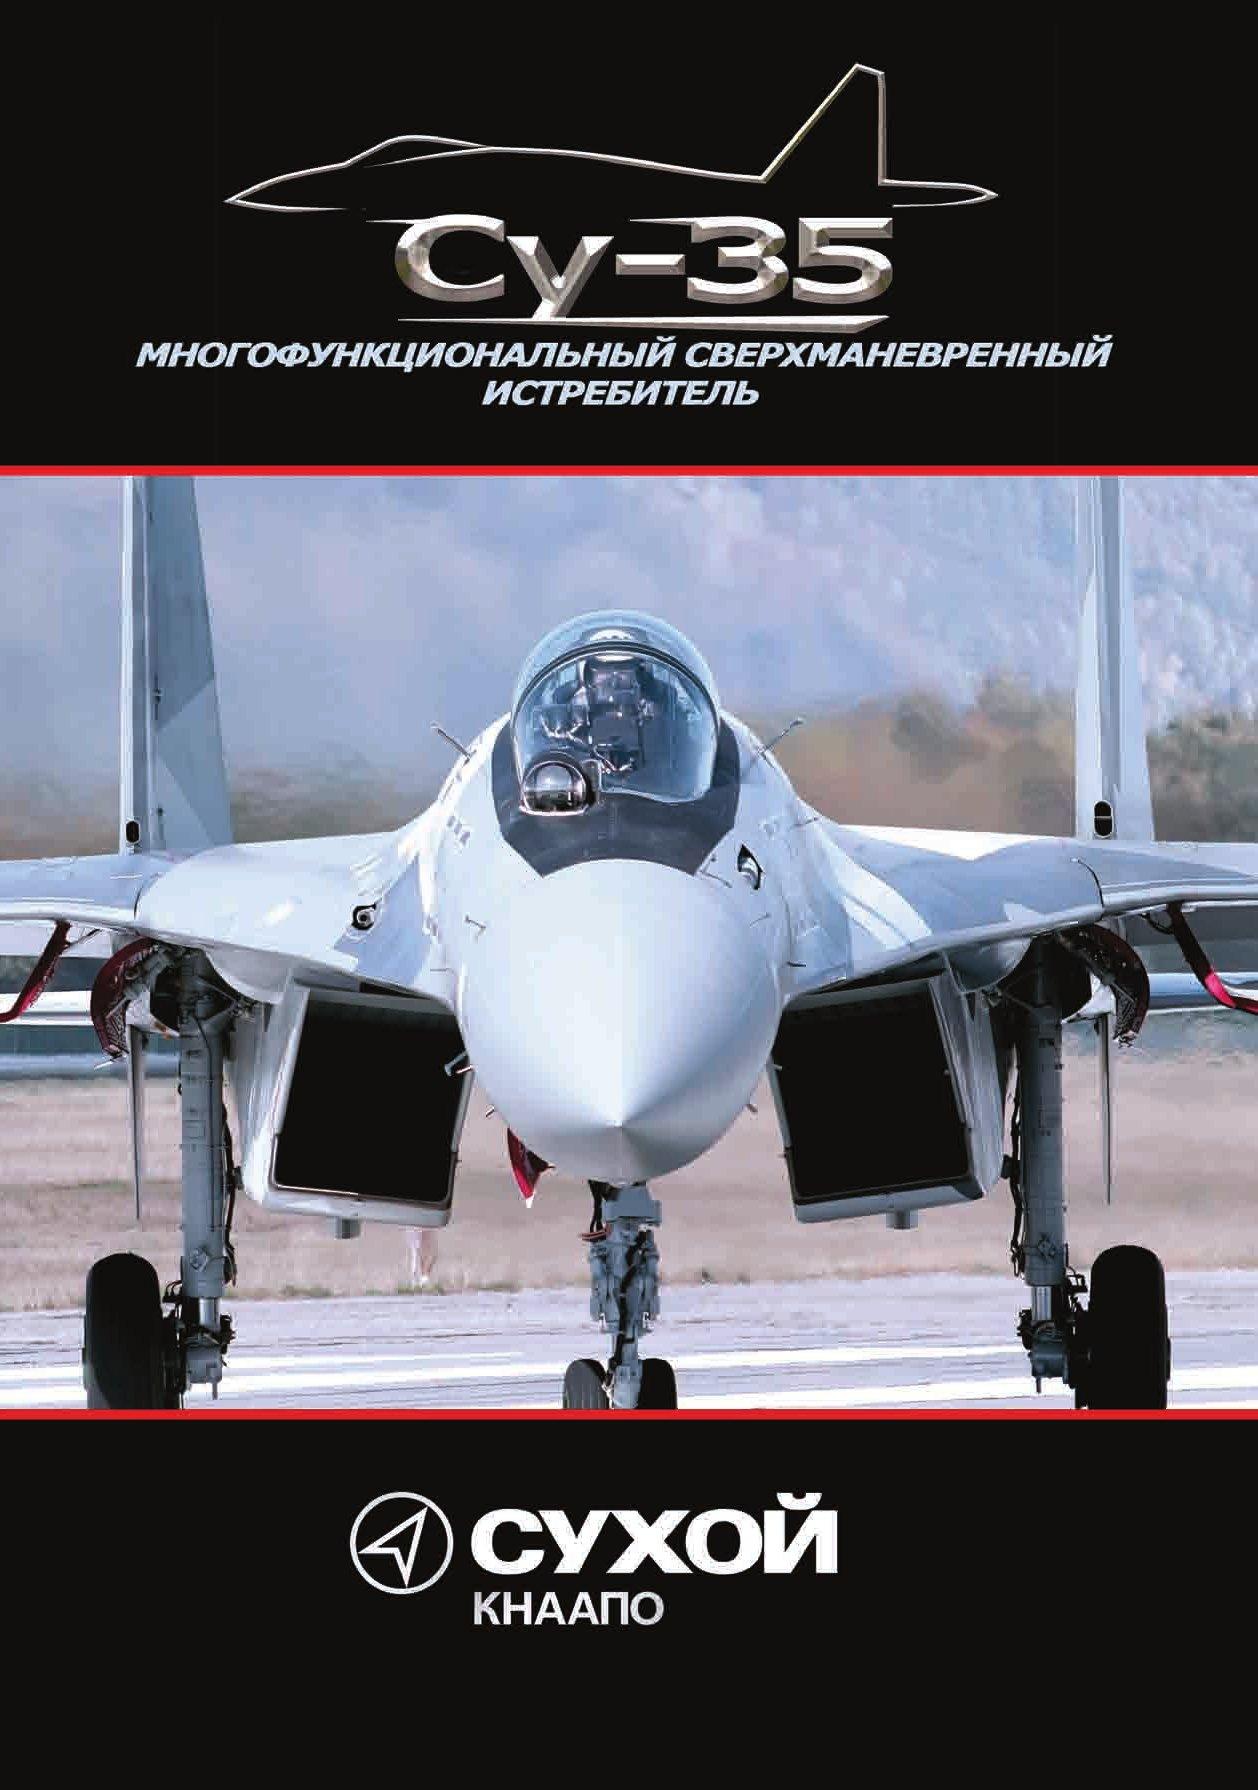 Су-35 многофункциональный сверхманевренный истребитель